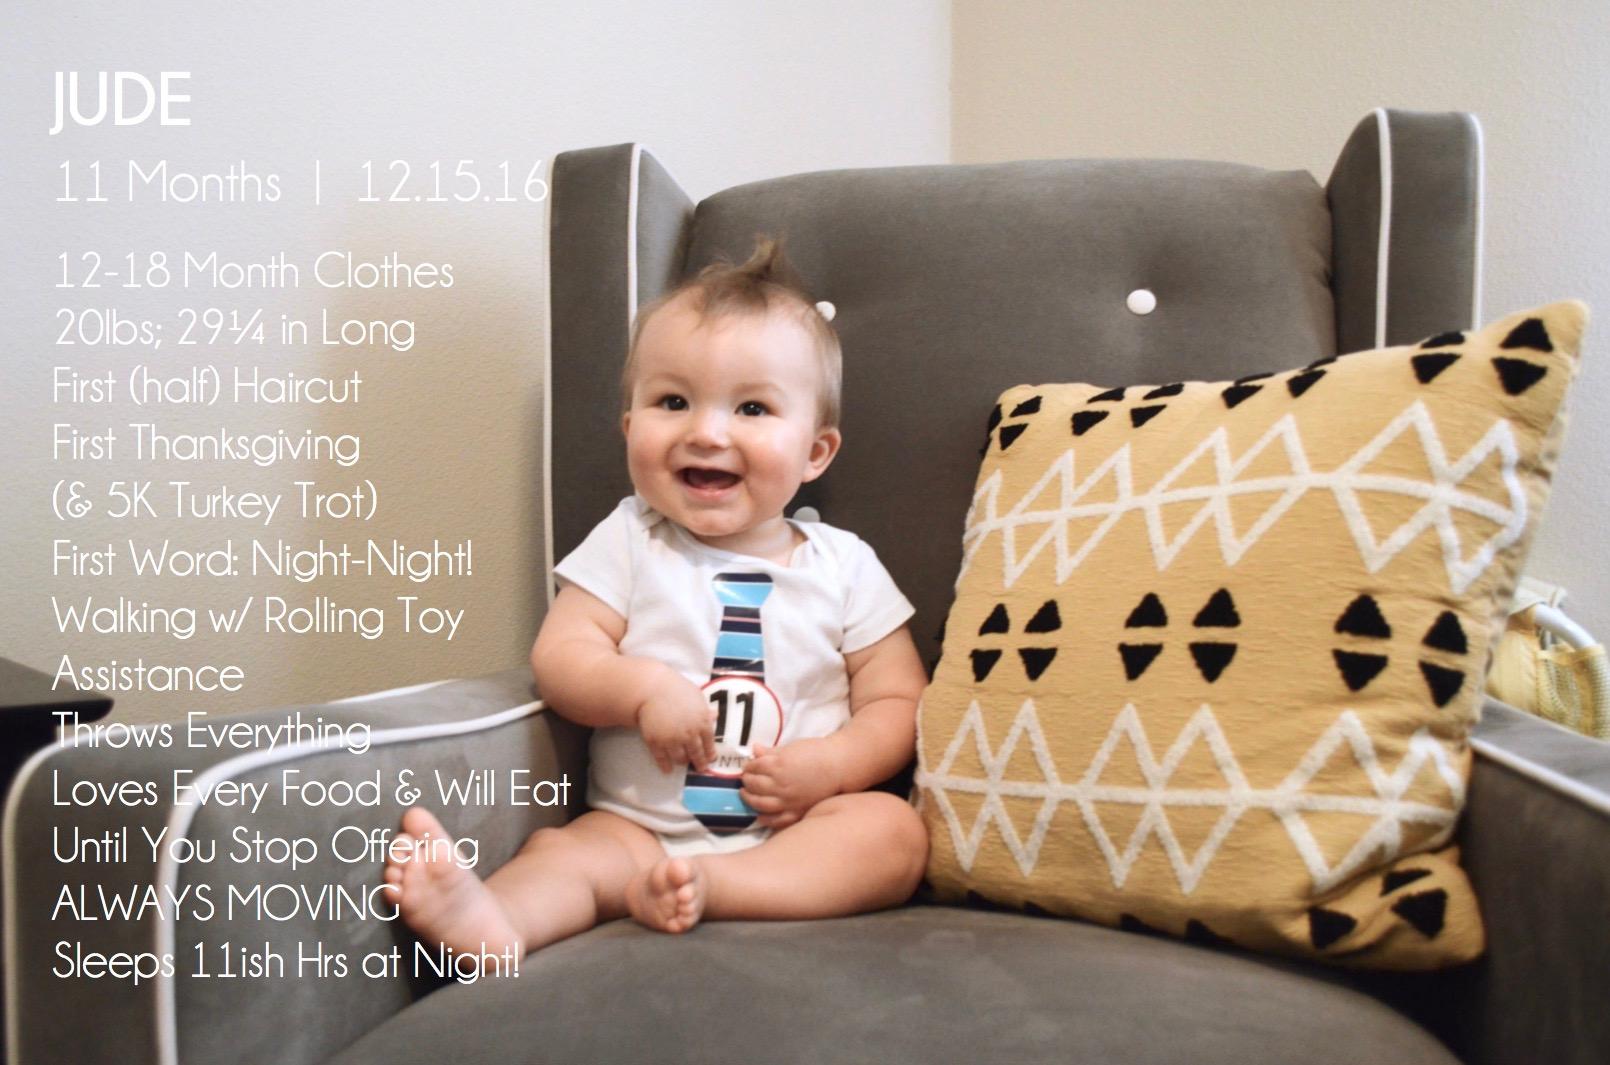 jude-11-months